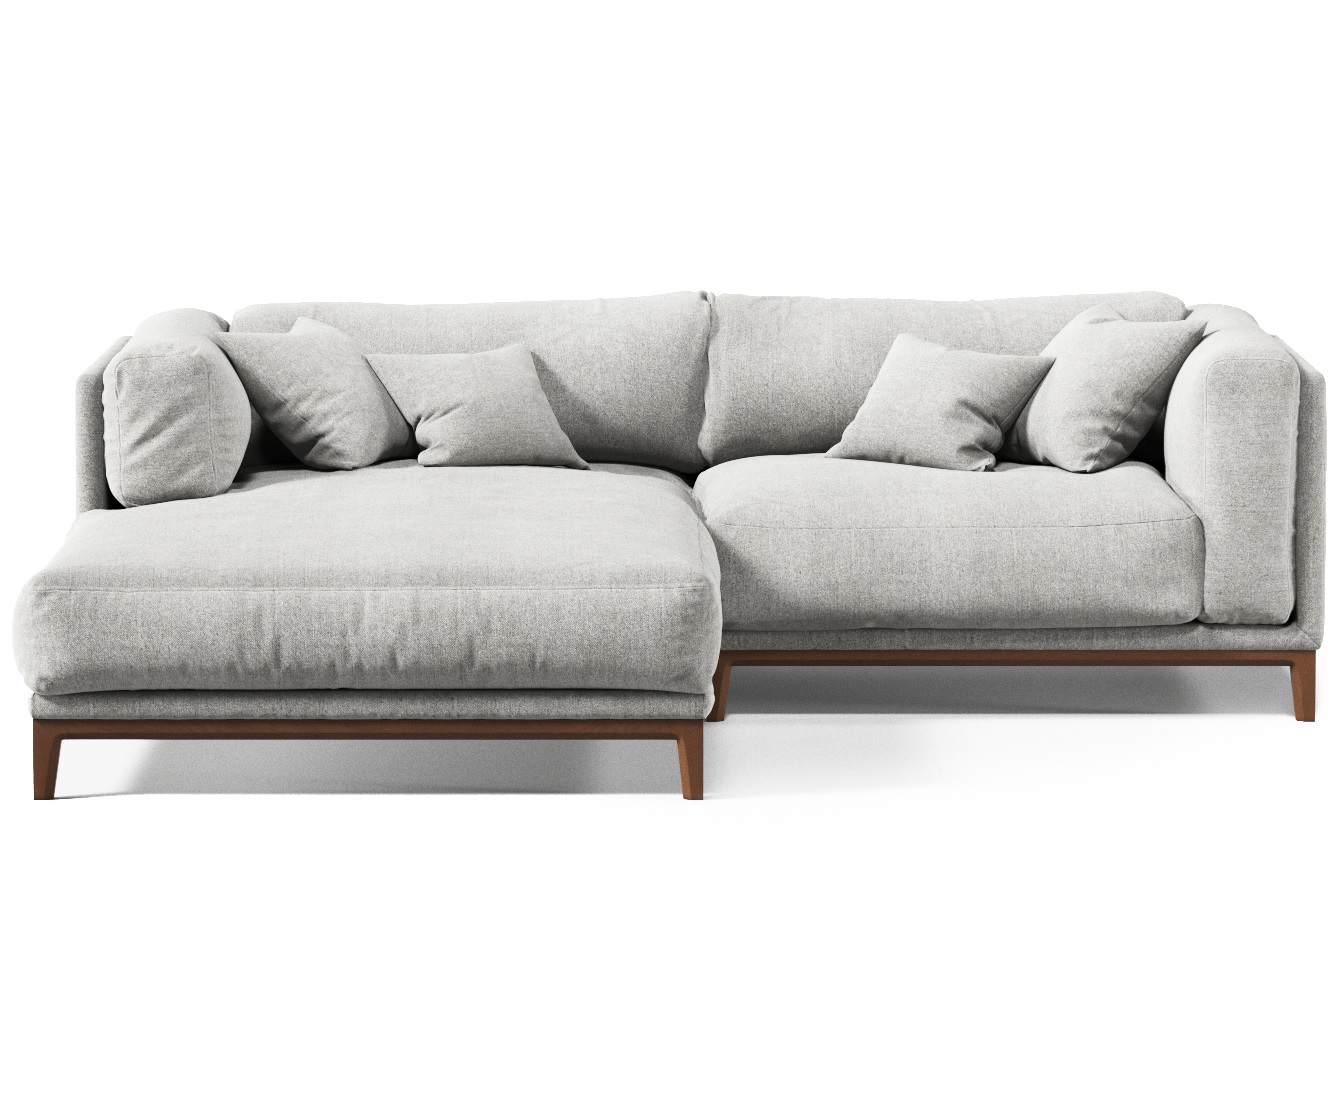 Диван Case 2Угловые диваны<br>&amp;lt;div&amp;gt;Эта модель трехместного дивана подойдет в любые помещения благодаря модульной конструкции, современному дизайну и эргономичному наполнителю. Объемные подушки из прорезиненного пенополиуретана нескольких степеней жесткости вместе с удобной глубокой посадкой создают необычайно комфортную зону отдыха и легко восстанавливают форму.&amp;lt;br&amp;gt;&amp;lt;/div&amp;gt;&amp;lt;div&amp;gt;&amp;lt;br&amp;gt;&amp;lt;/div&amp;gt;&amp;lt;div&amp;gt;Все чехлы съемные, их легко стирать. Диваны не имеют оборотной стороны и могут устанавливаться в центре помещения. В комплекте с диваном поставляются декоративные подушки.&amp;amp;nbsp;&amp;lt;div&amp;gt;Диван Case доступен к заказу в нескольких категориях ткани и с 5 вариантами тонировки ножек. Кроме того, возможен заказ дивана Case в индивидуальном размере и в собственной ткани.&amp;lt;/div&amp;gt;&amp;lt;div&amp;gt;Вы можете выбрать любой цвет обивки из палитры. В категории 1 цена без изменения. Категории 2 и 3 цена по запросу у менеджера.&amp;amp;nbsp;&amp;lt;div&amp;gt;Также возможны нестандартные варианты сочетания обивки и отделки дивана. Гарантия на изделия составляет 3 года.&amp;lt;/div&amp;gt;&amp;lt;/div&amp;gt;&amp;lt;/div&amp;gt;<br><br>Material: Текстиль<br>Ширина см: 248<br>Высота см: 80<br>Глубина см: 195